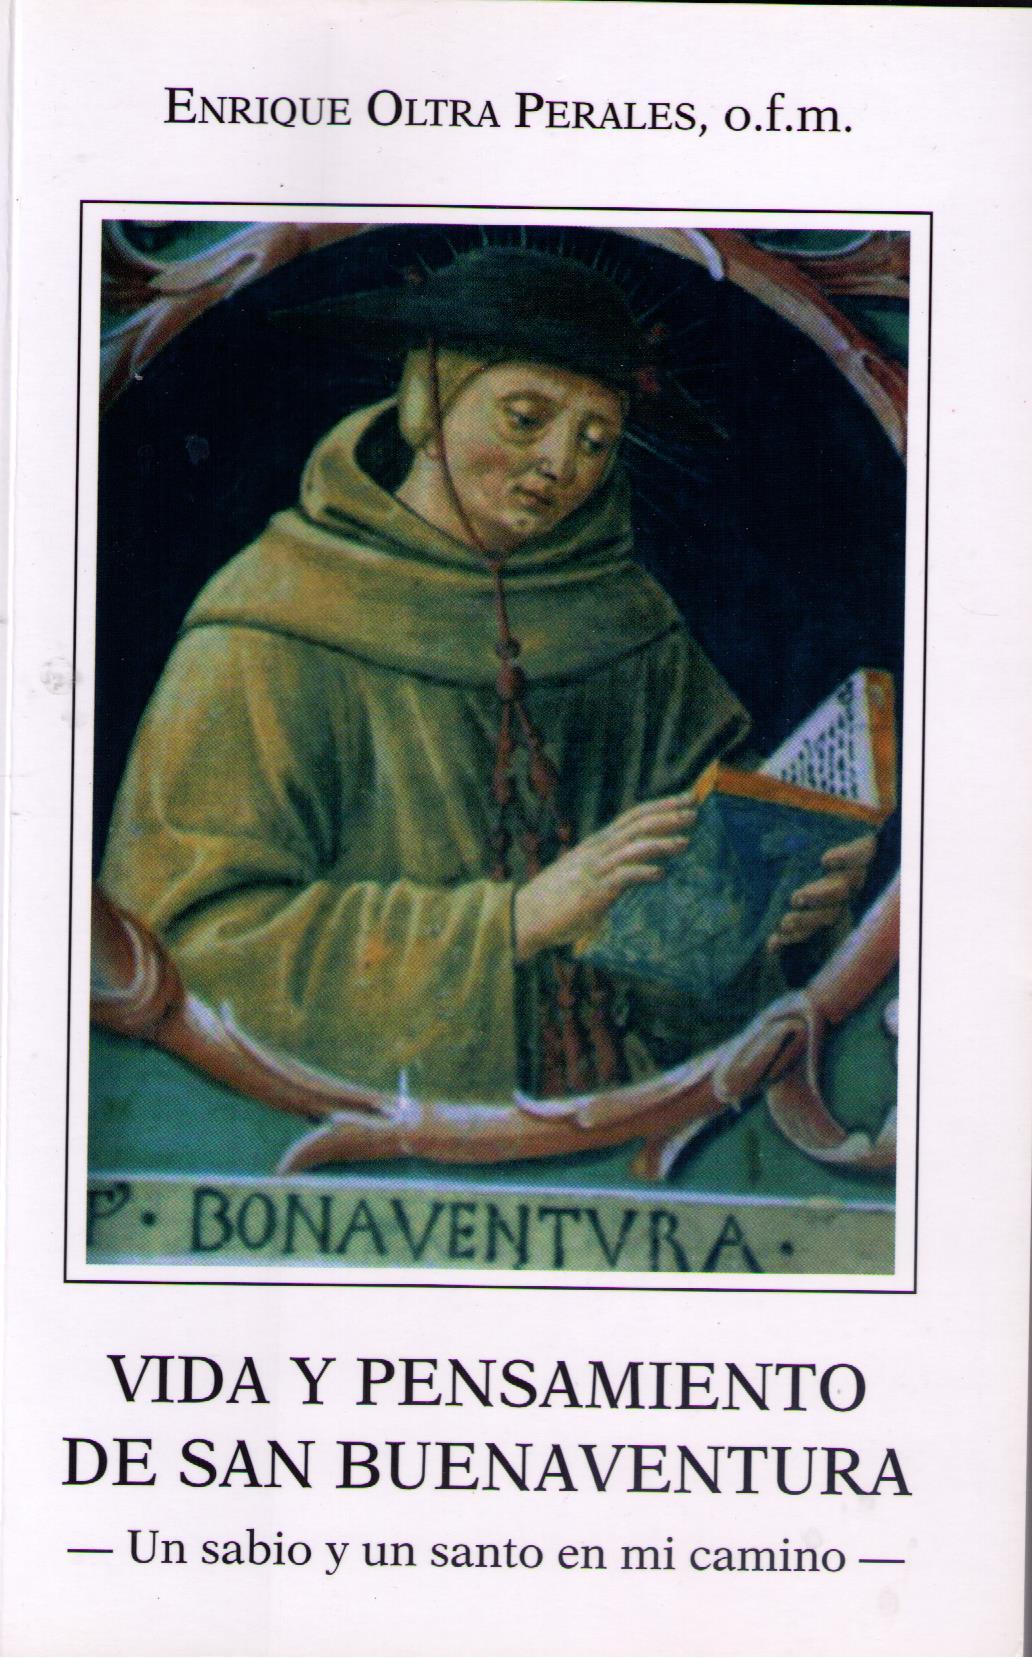 Vida y pensamiento de San Buenaventura